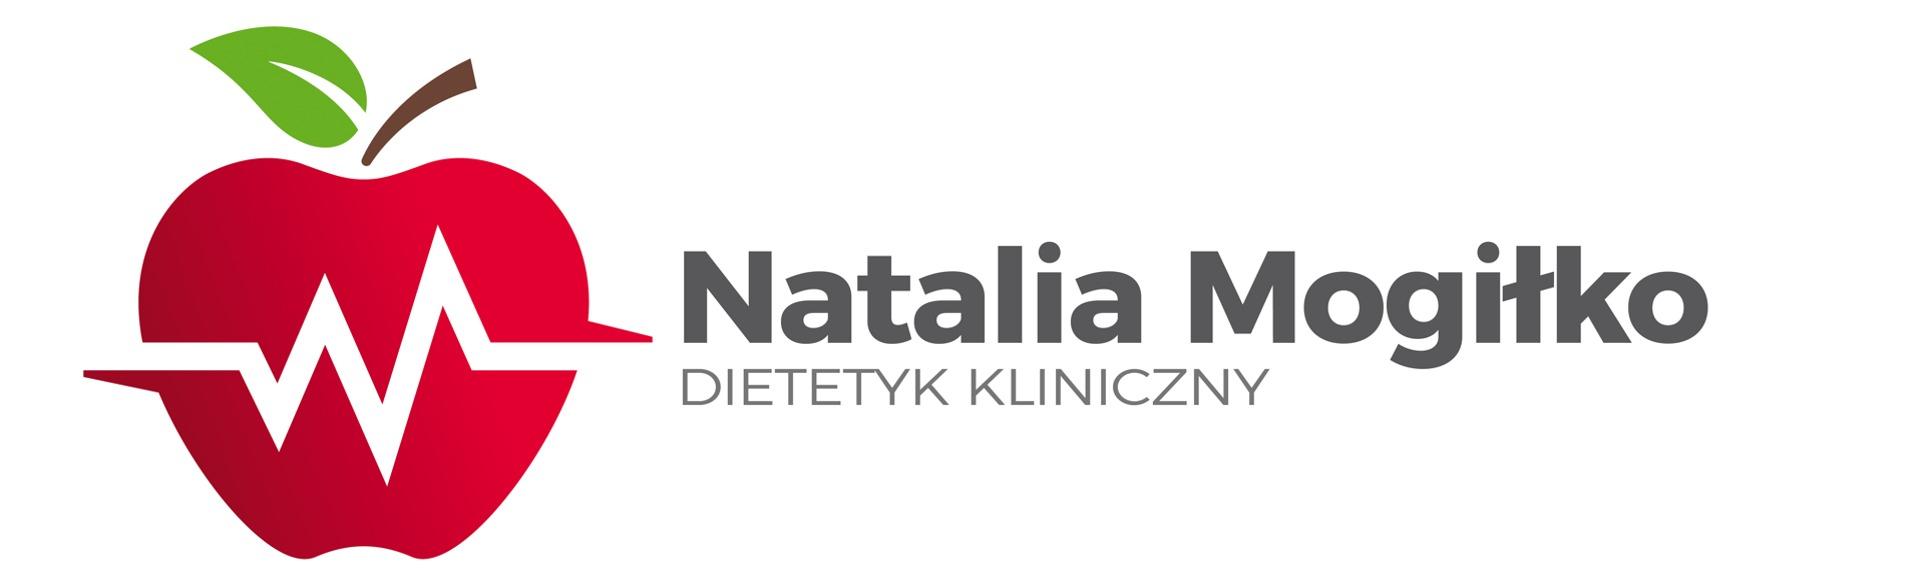 mogilko-duza-1920